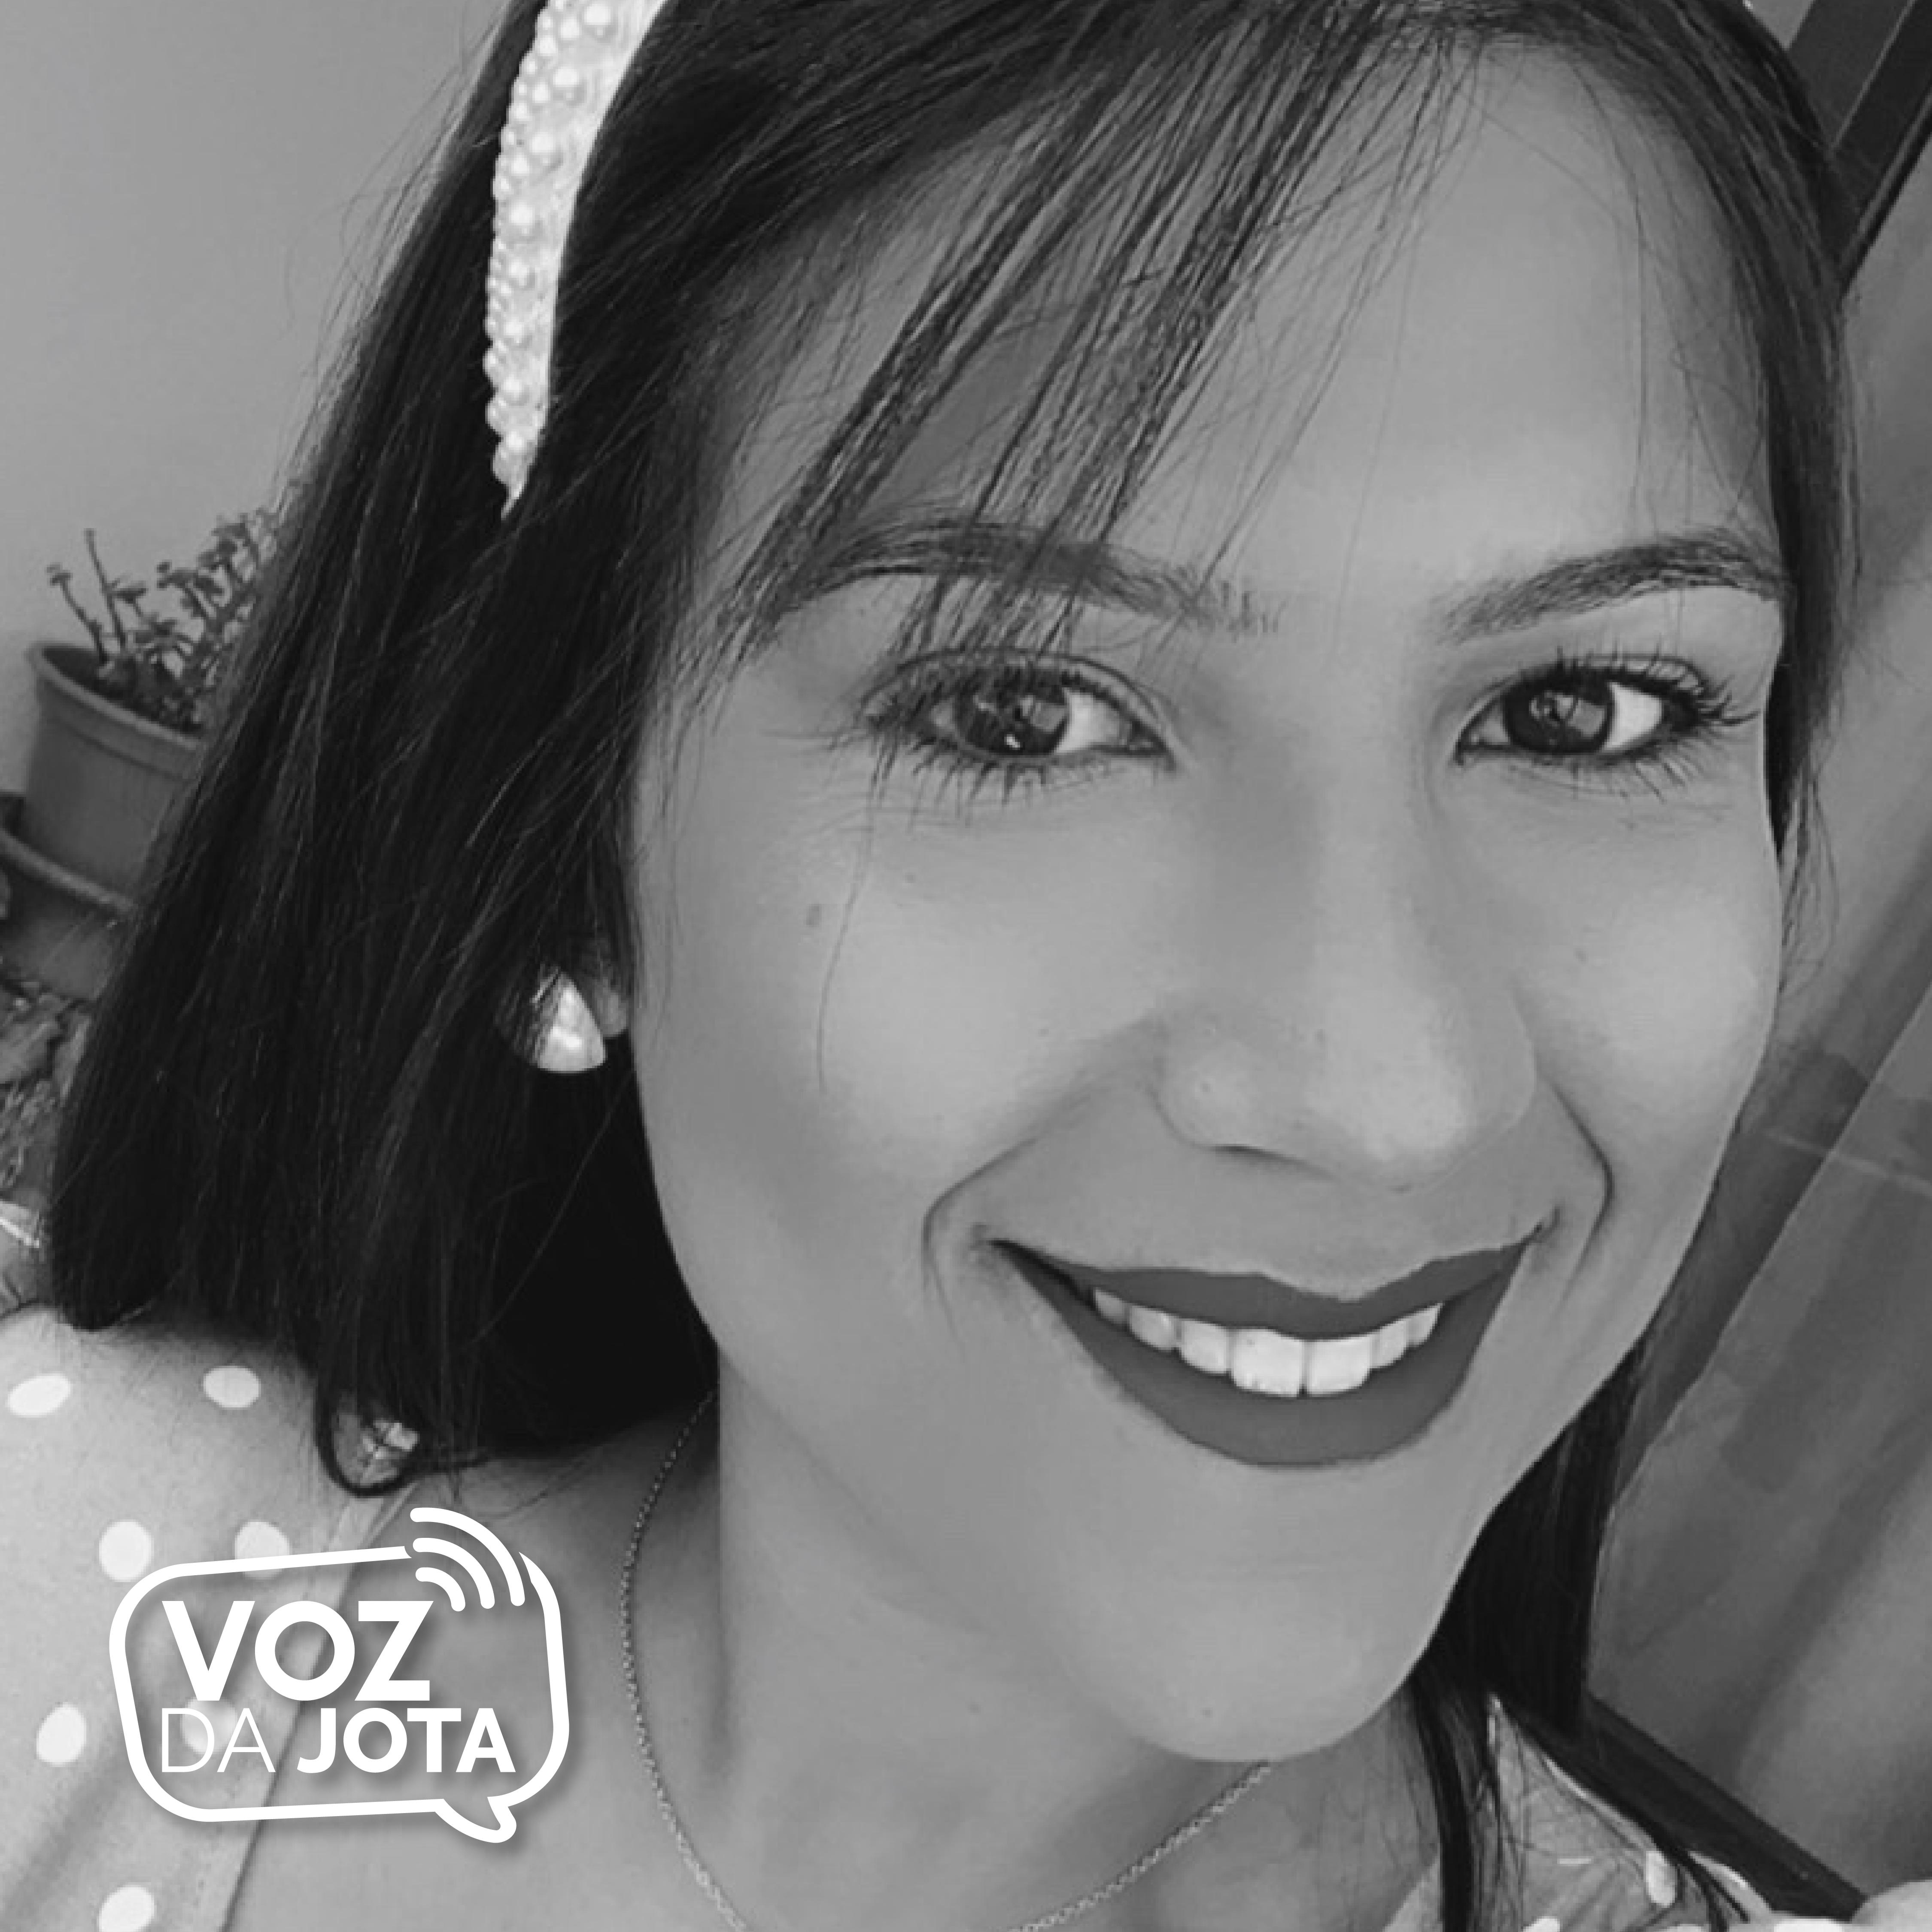 Mariana_Pessego_vozdajota_site